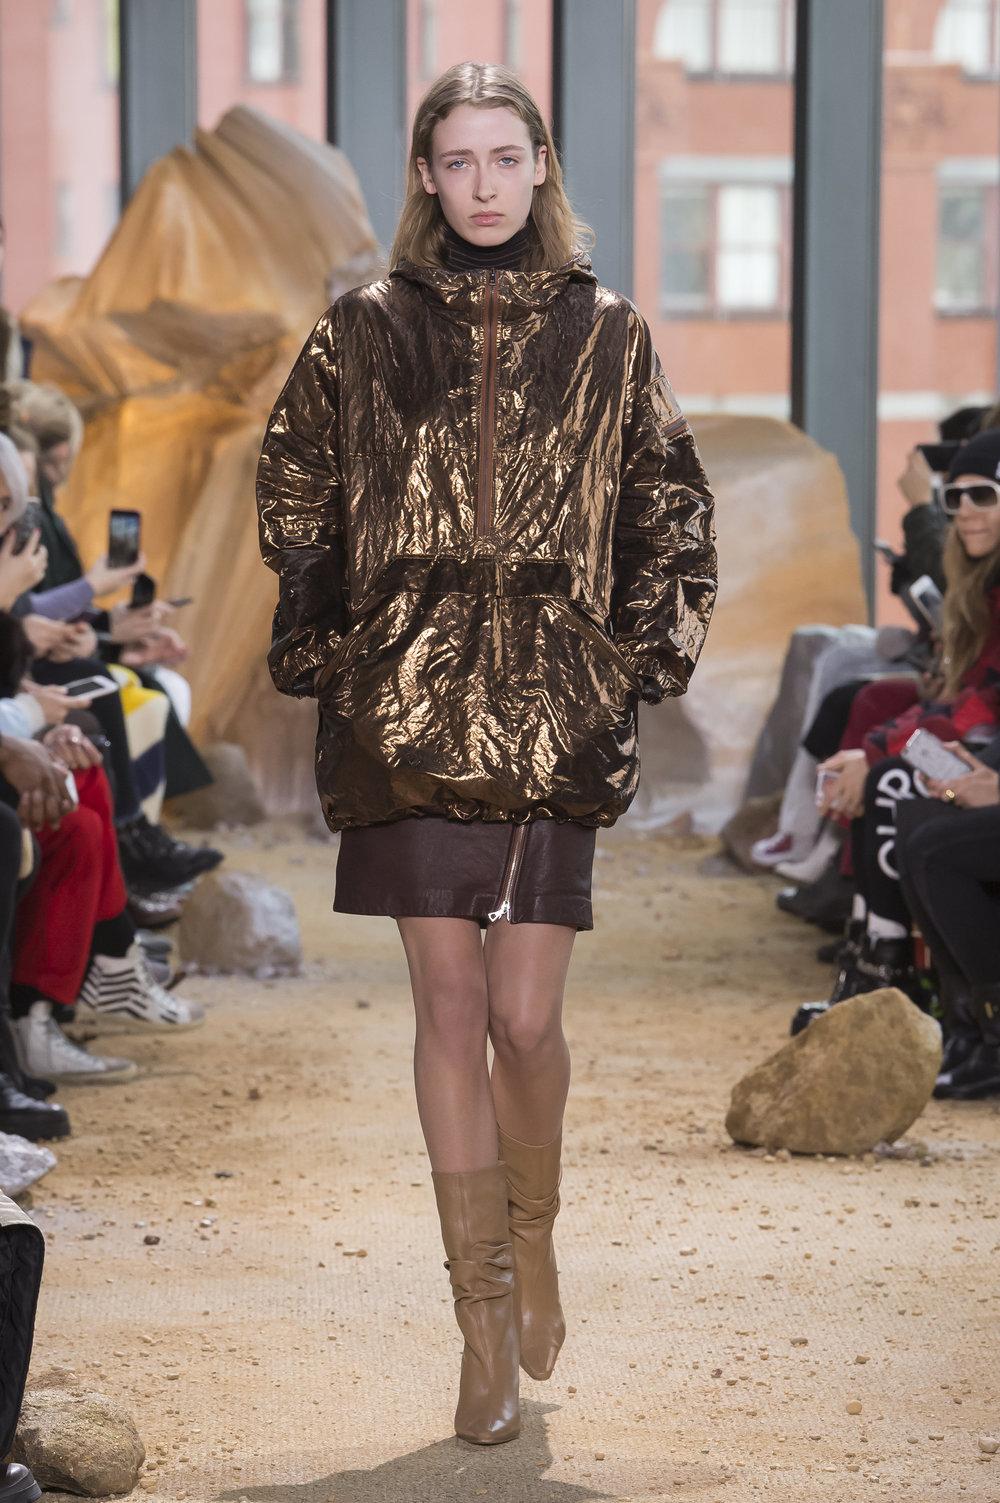 """Who doesn't love killer boots, an amazing skirt, and a space-inspired jacket coat? // para todos aquellos fanáticos de la onda espacial... este look está impresionante. Me quedo con las botas, y por supuesto, el brillo de la chamarra para """"pasar desapercibida"""""""